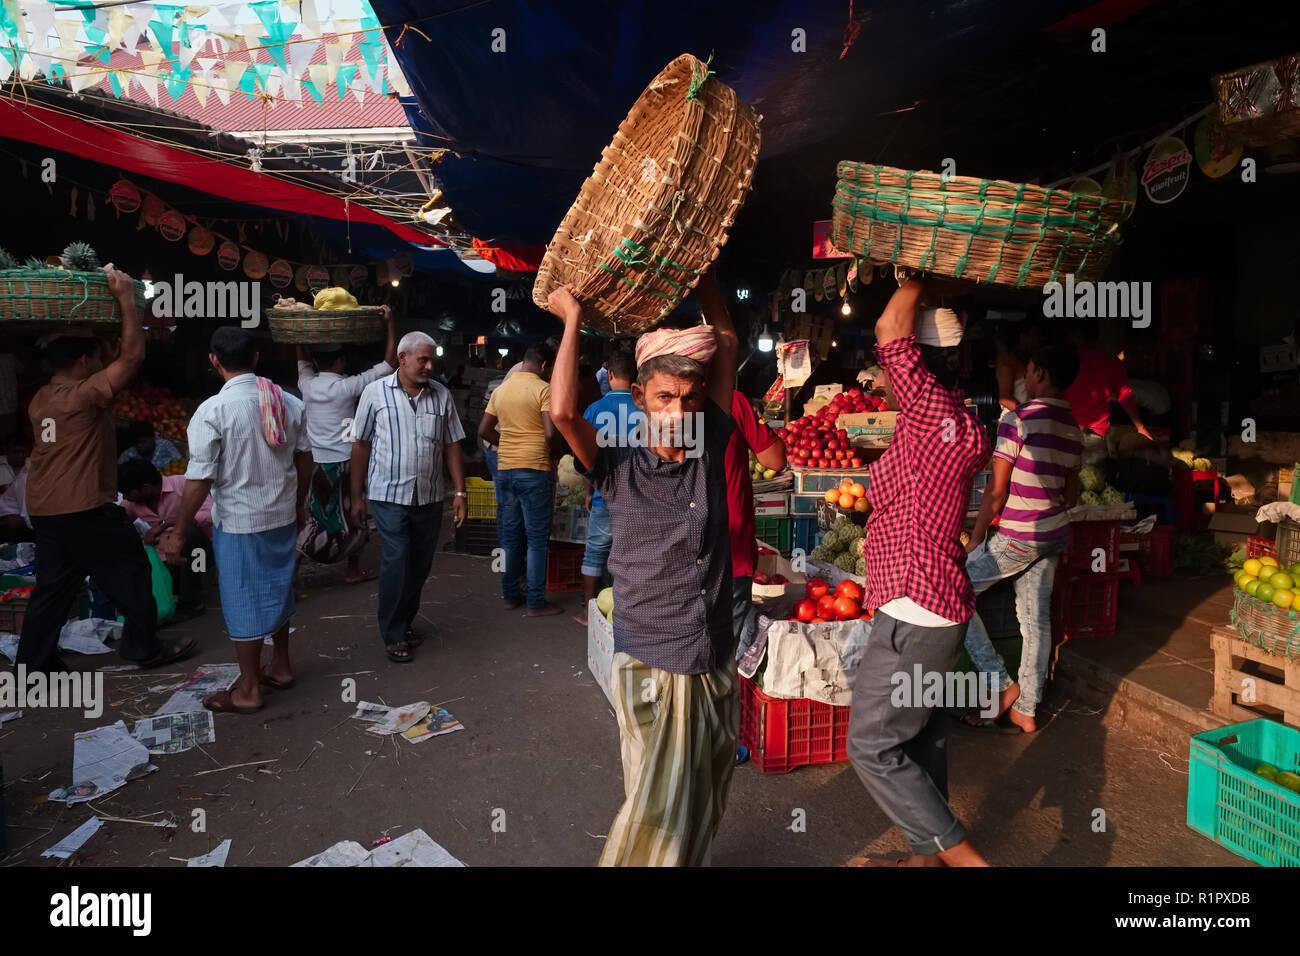 """Facchini in mercato Crawford, Mumbai, India, ora ufficialmente chiamato mahatma Jyotiba Phule Mandai, il loro equilibrio """"palti' o cestelli sopra le loro teste Immagini Stock"""